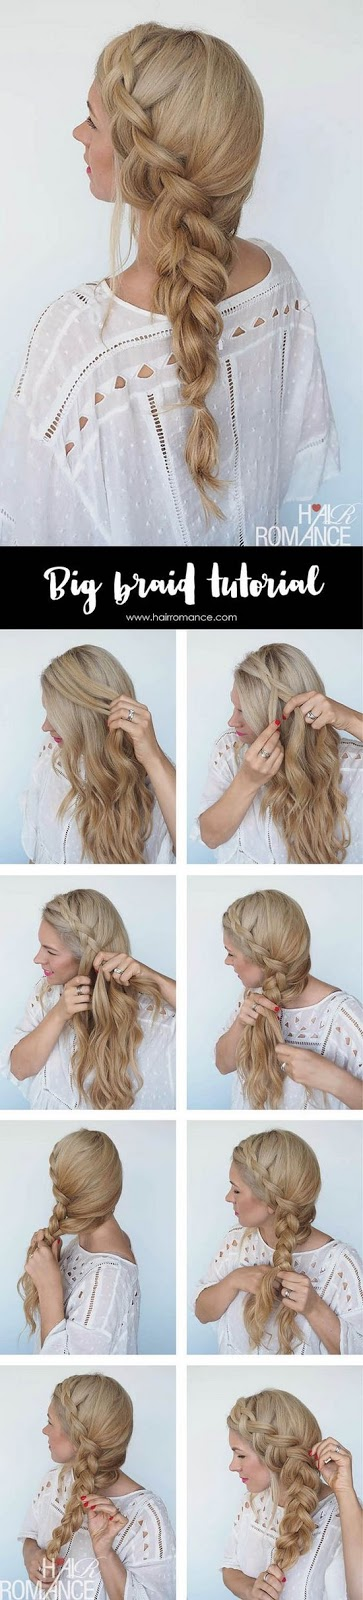 Los Mejores Peinados Sencillos Paso A Paso Peinados Faciles - Recogidos-sencillos-paso-a-paso